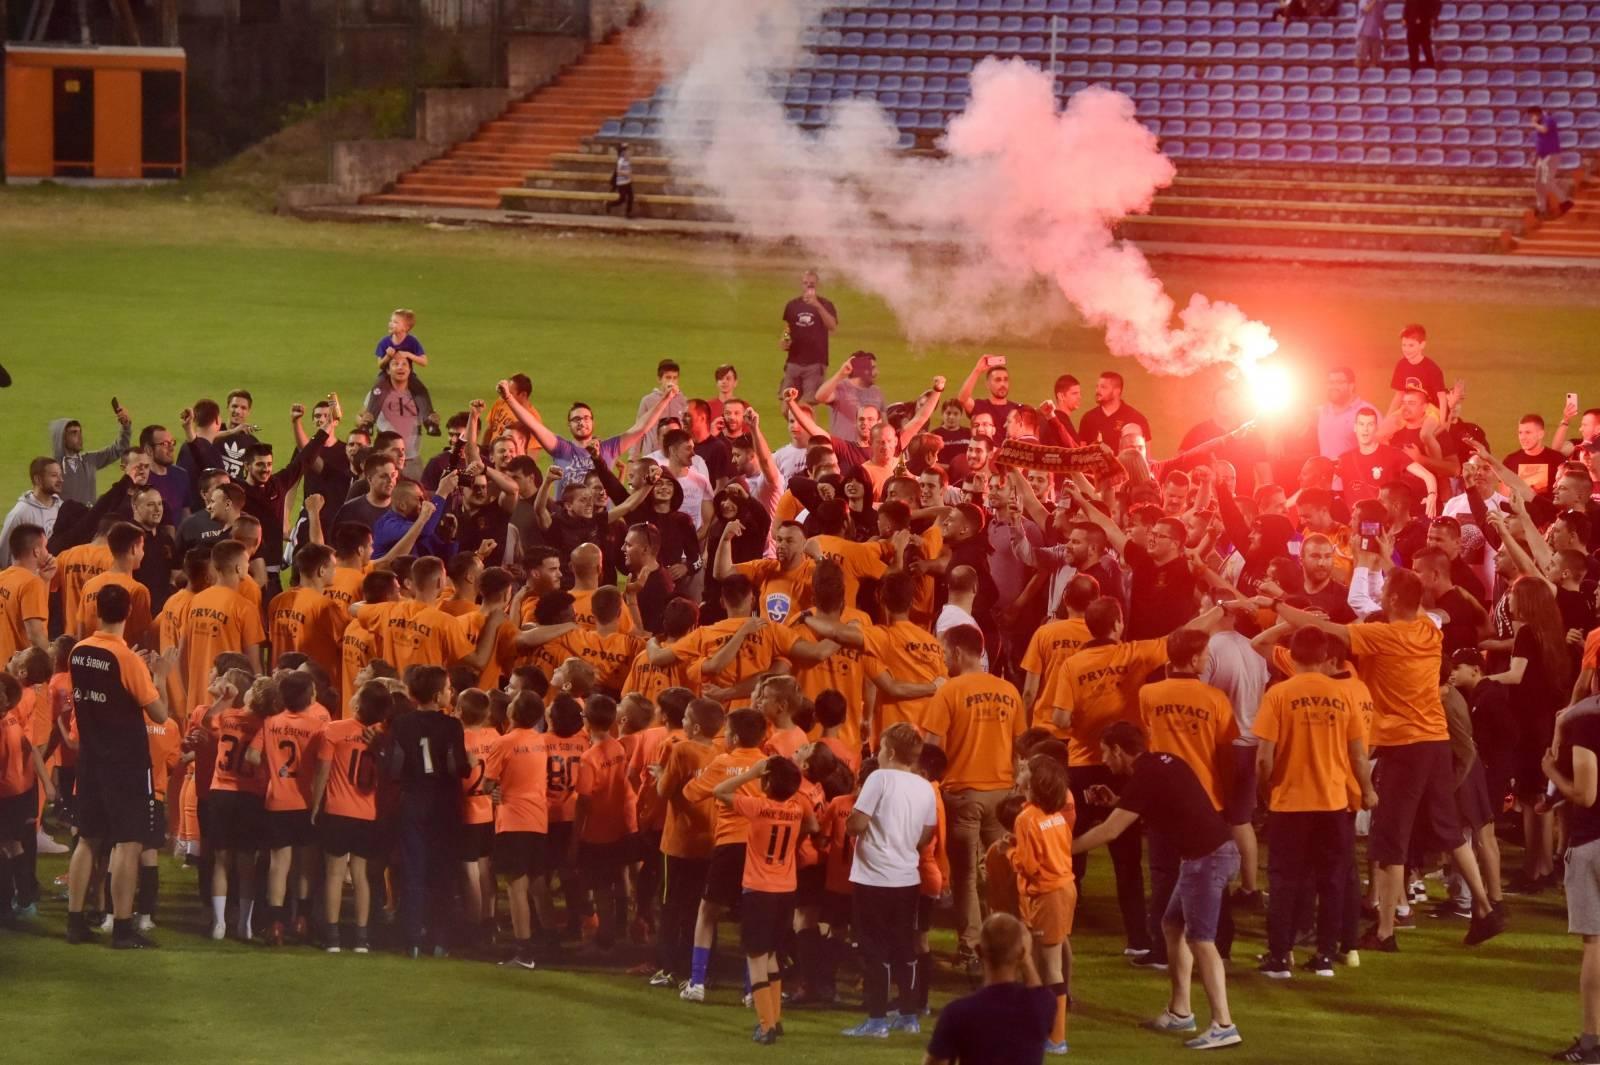 Nogometaši Šibenika s Funcutima proslavili ulazak u prvu ligu